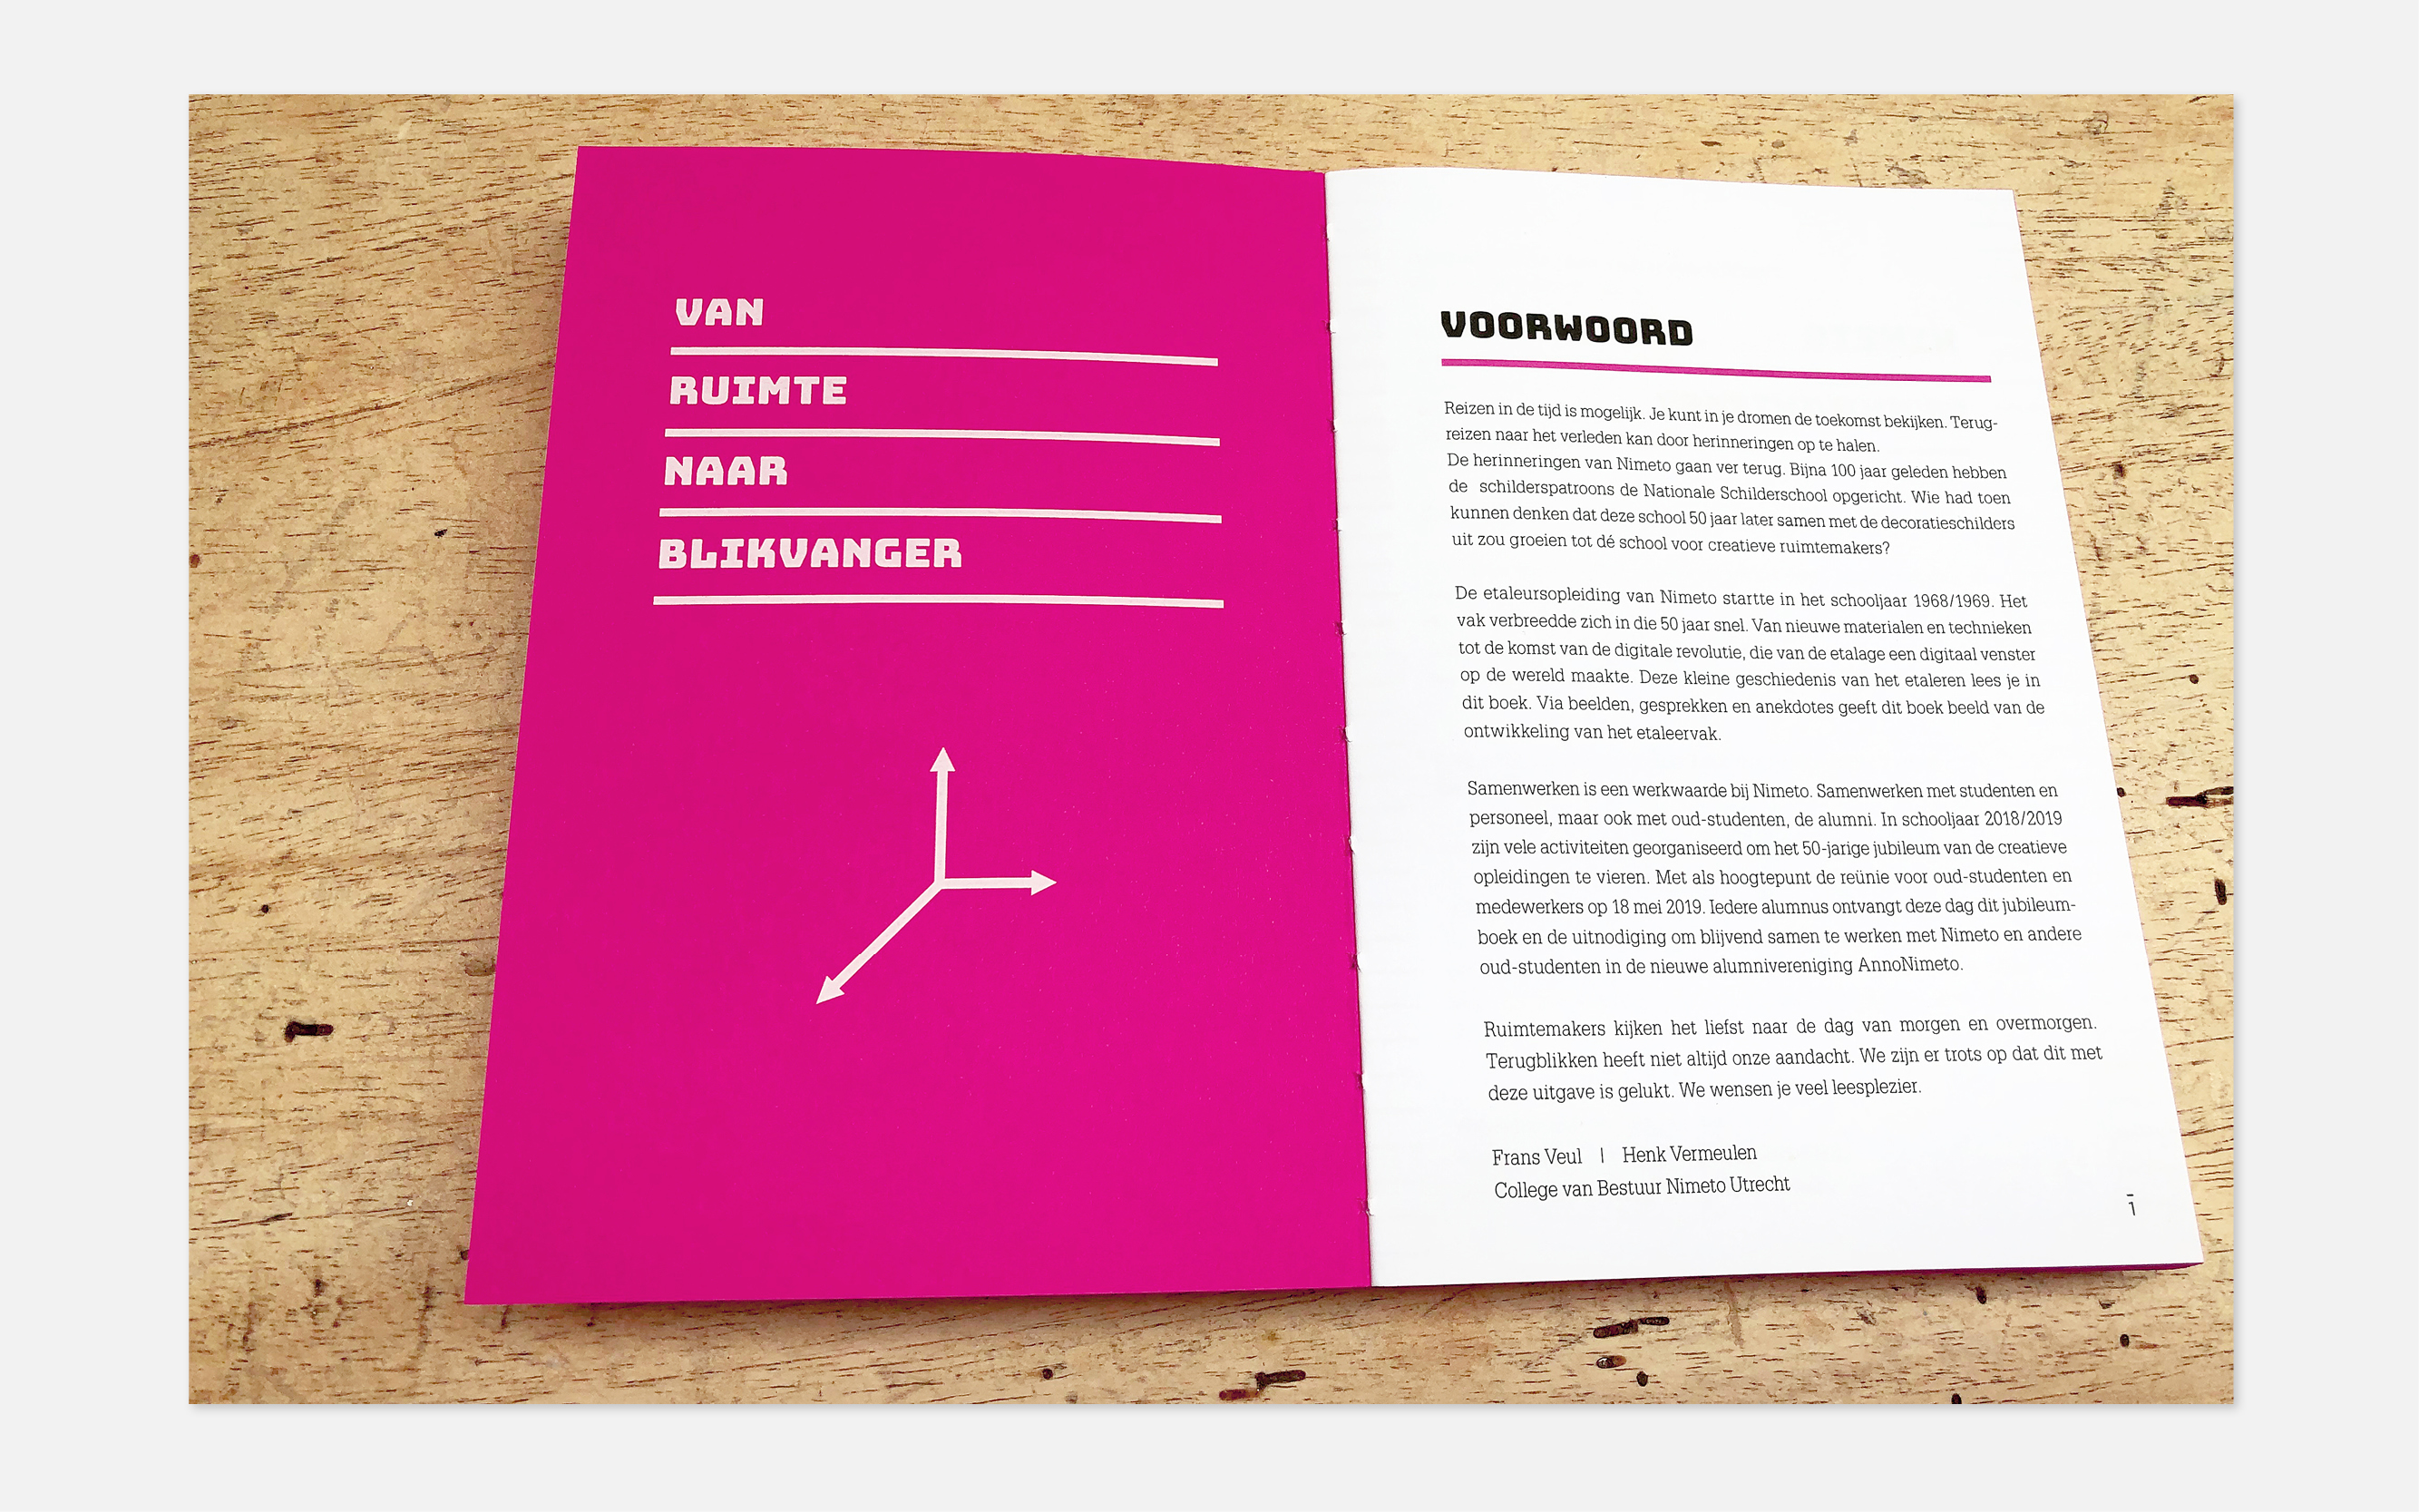 Jubileumboek_Nimeto_Utrecht8_harry de graaf